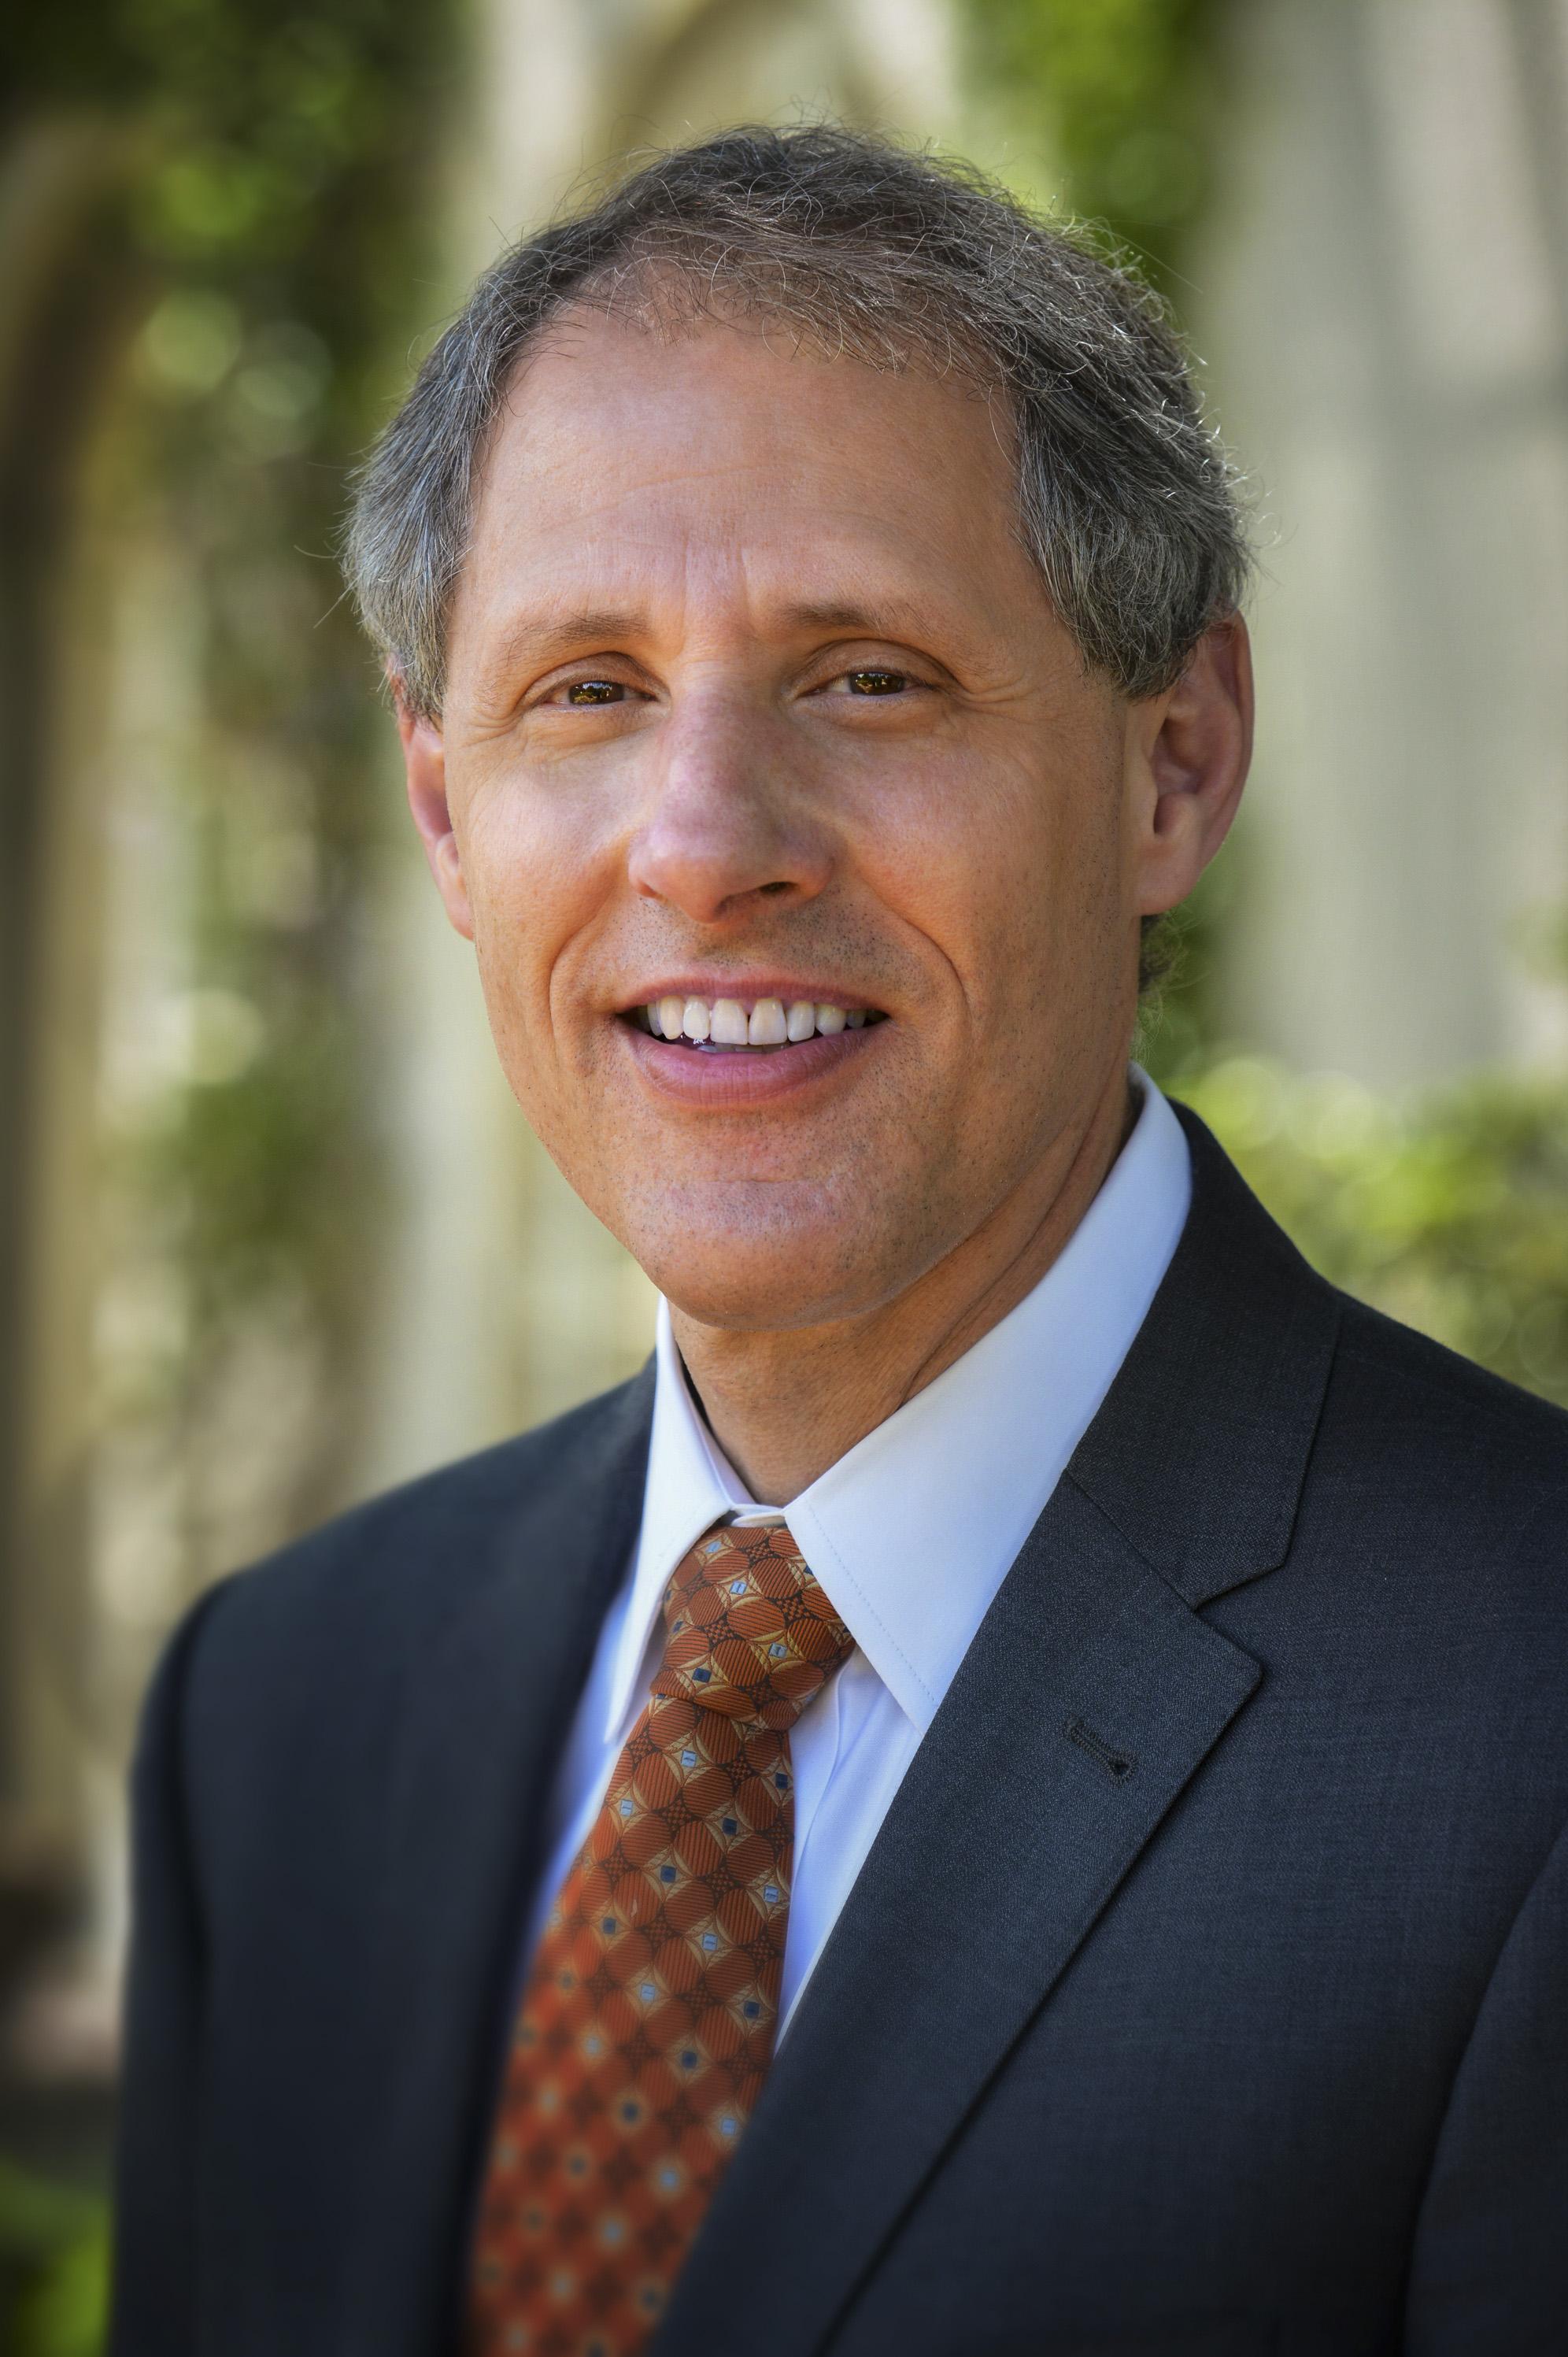 Dr. Thomas Rosenbaum